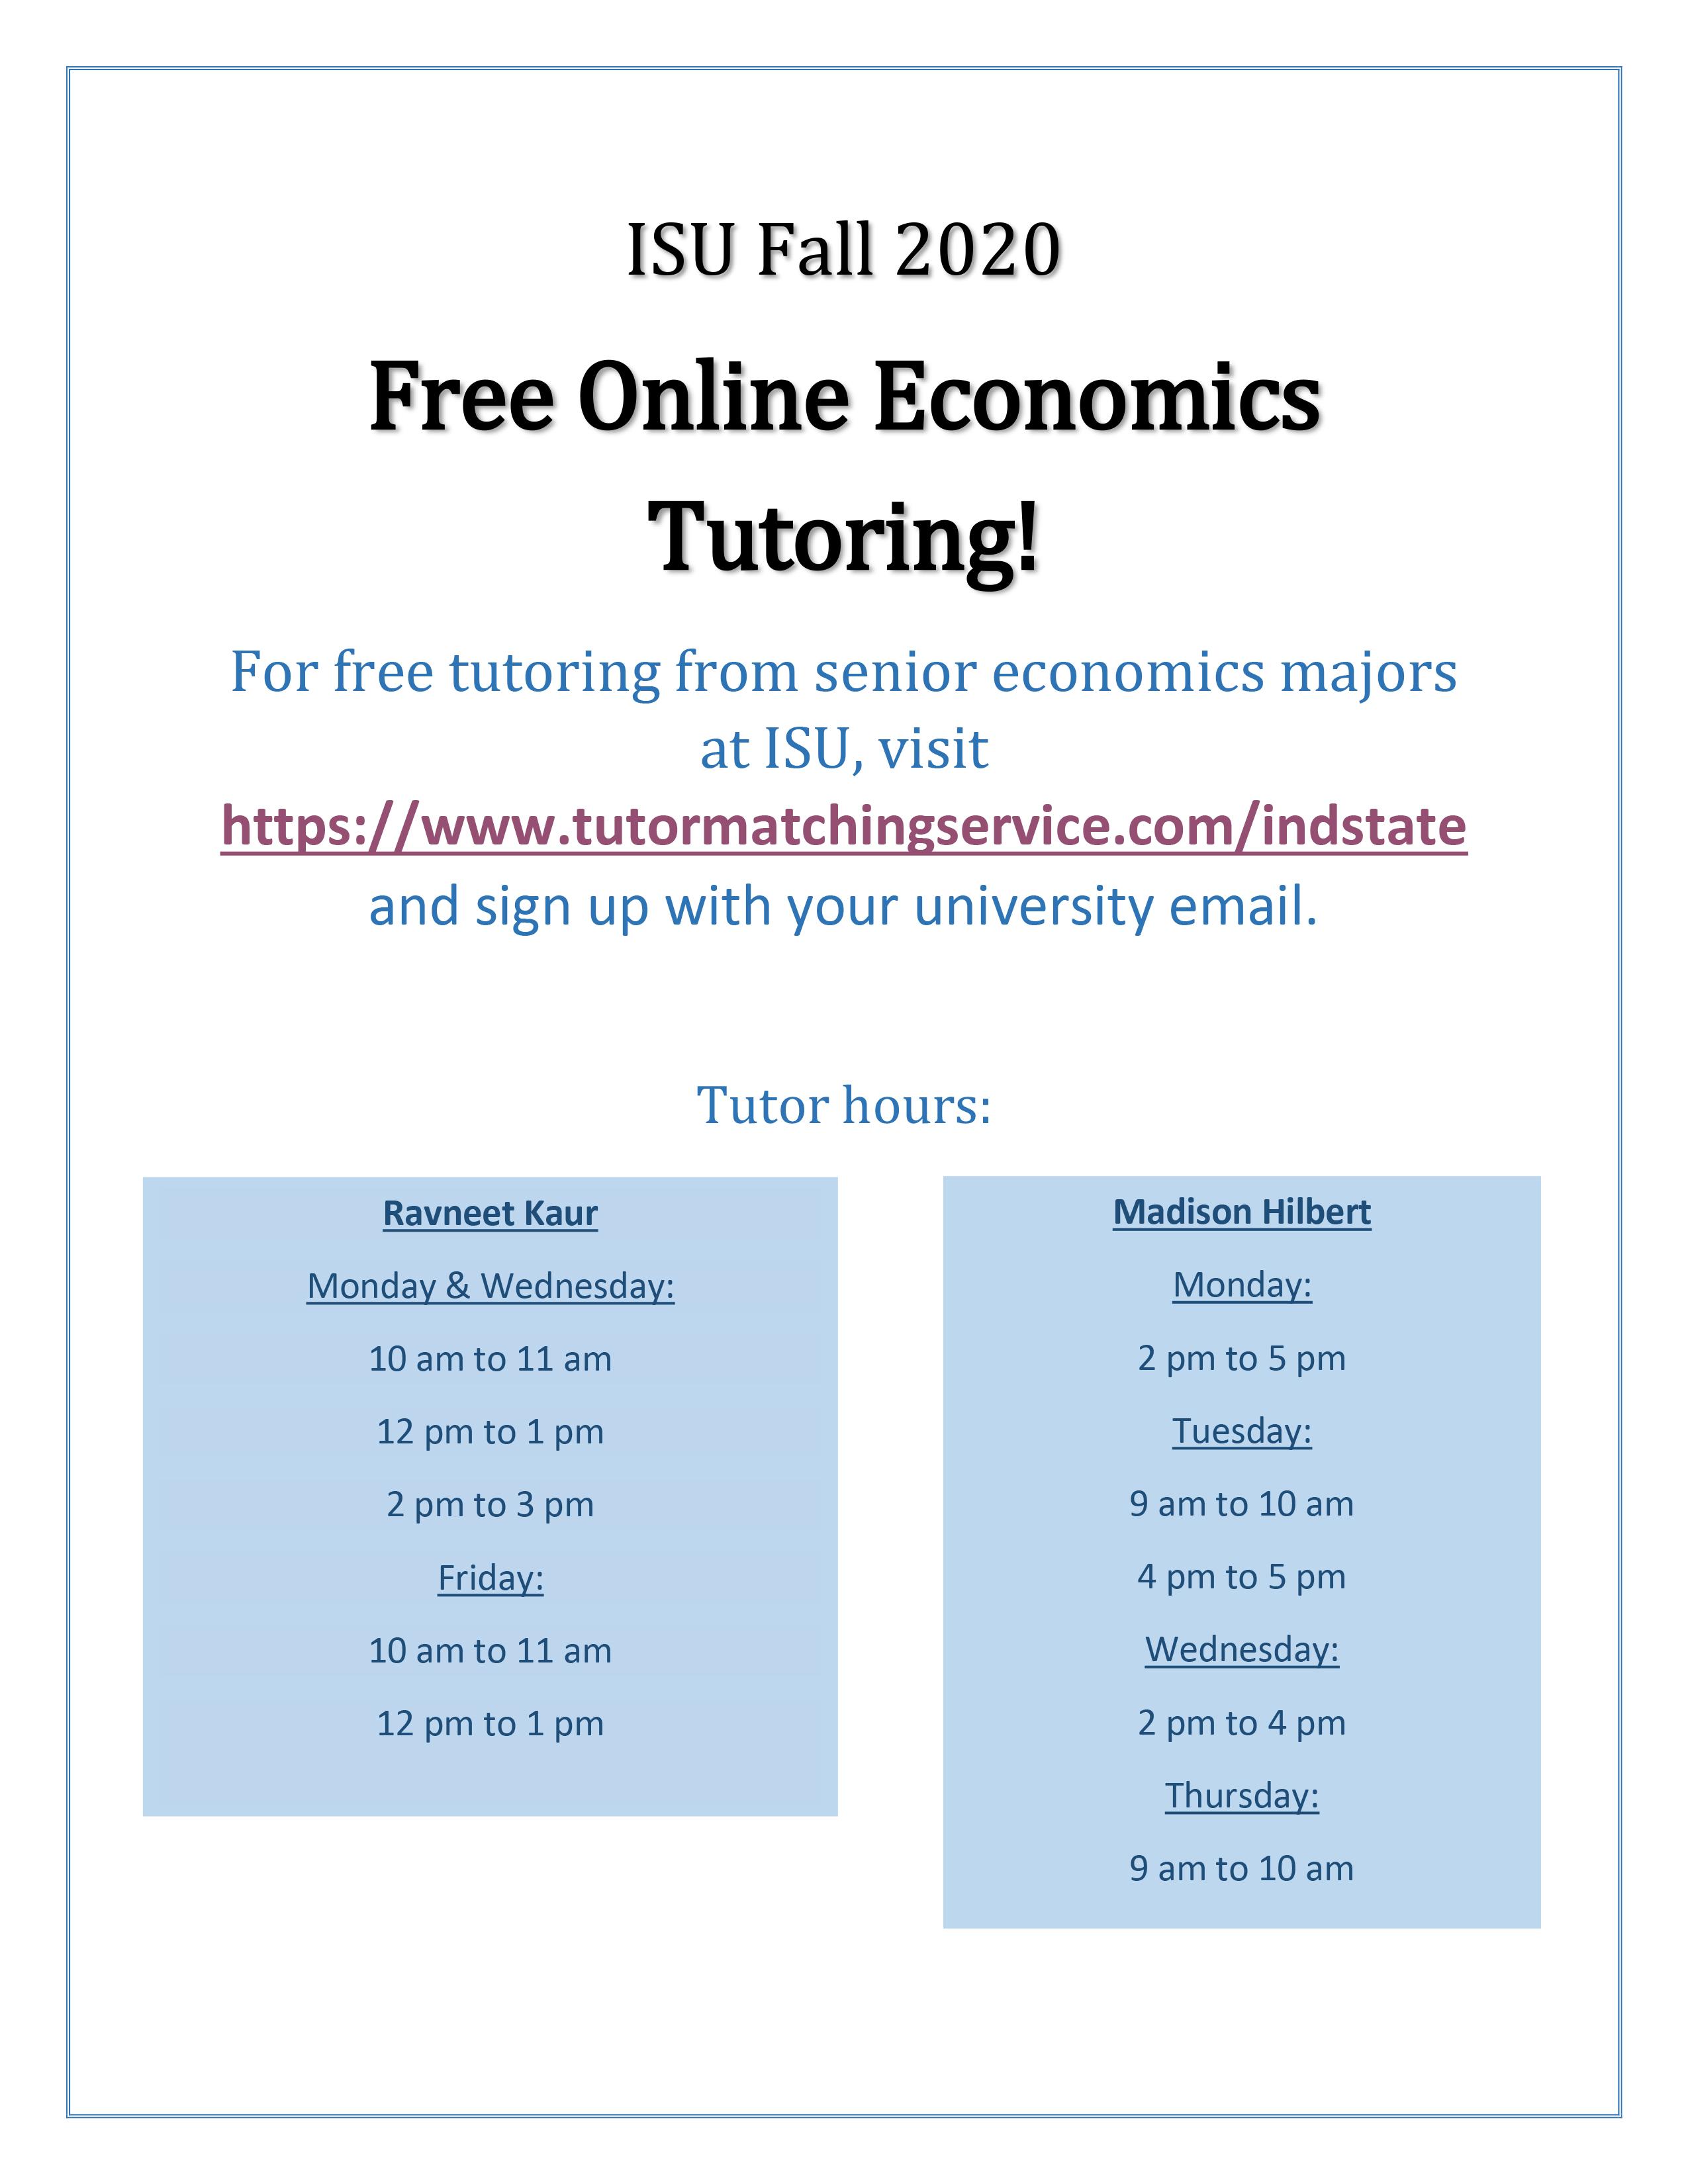 tutoring flyer2.jpg